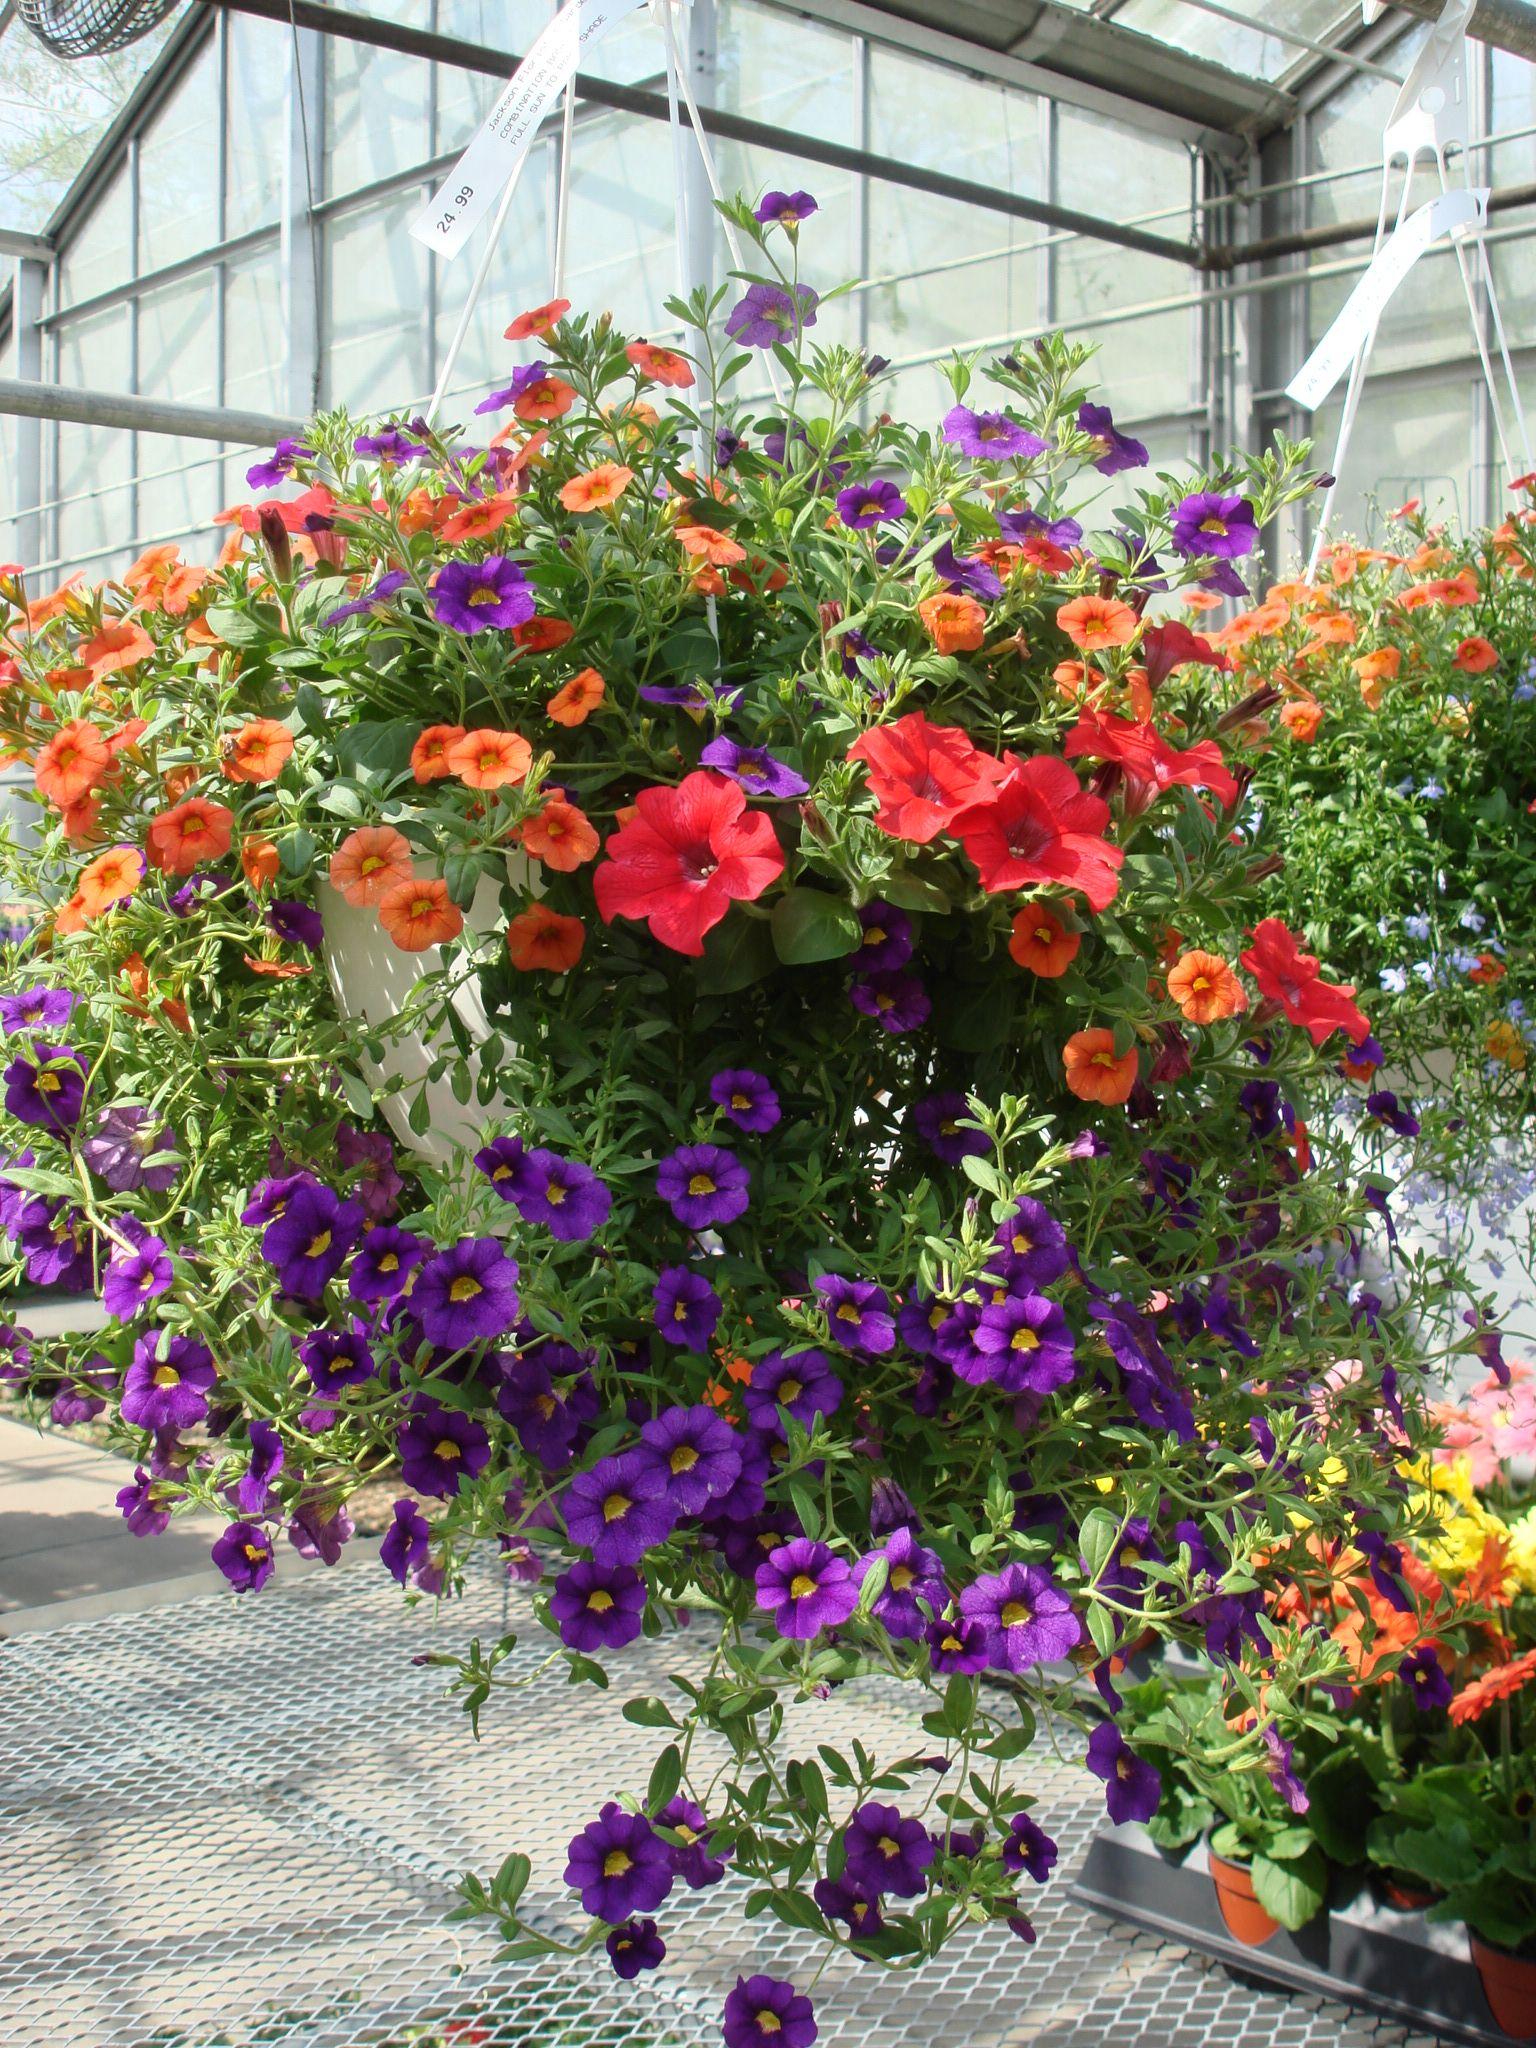 Jackson Florist and Garden Center mixedhangingbasket